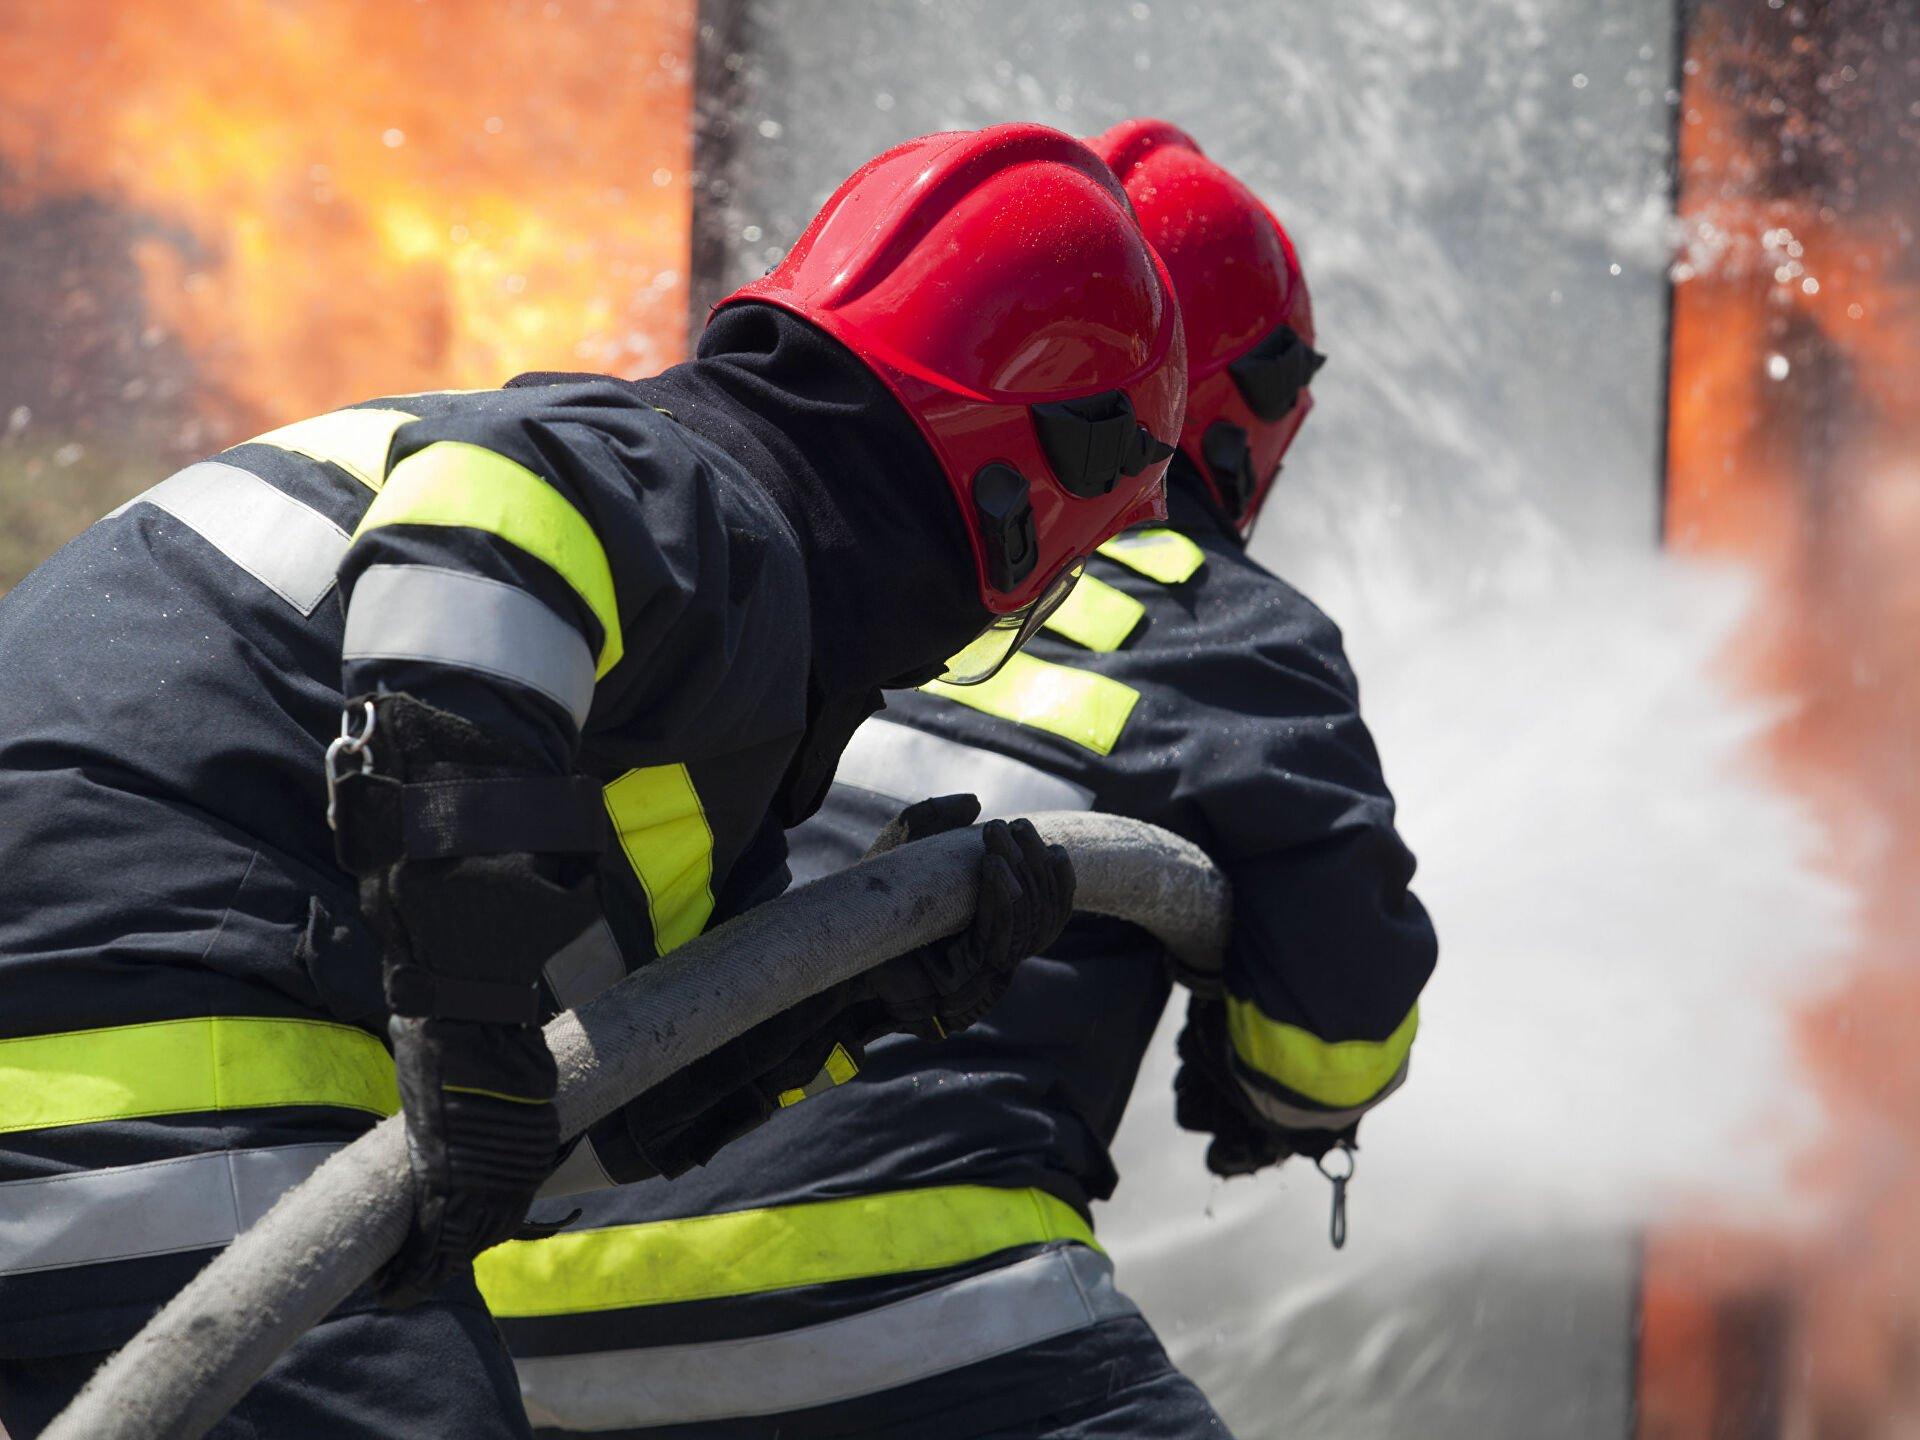 """ΣΕΡΒΙΚΗ ΕΝΙΣΧΥΣΗ: """"Δίπλα στους αδελφούς μας Έλληνες στη μάχη με τις φλόγες"""""""